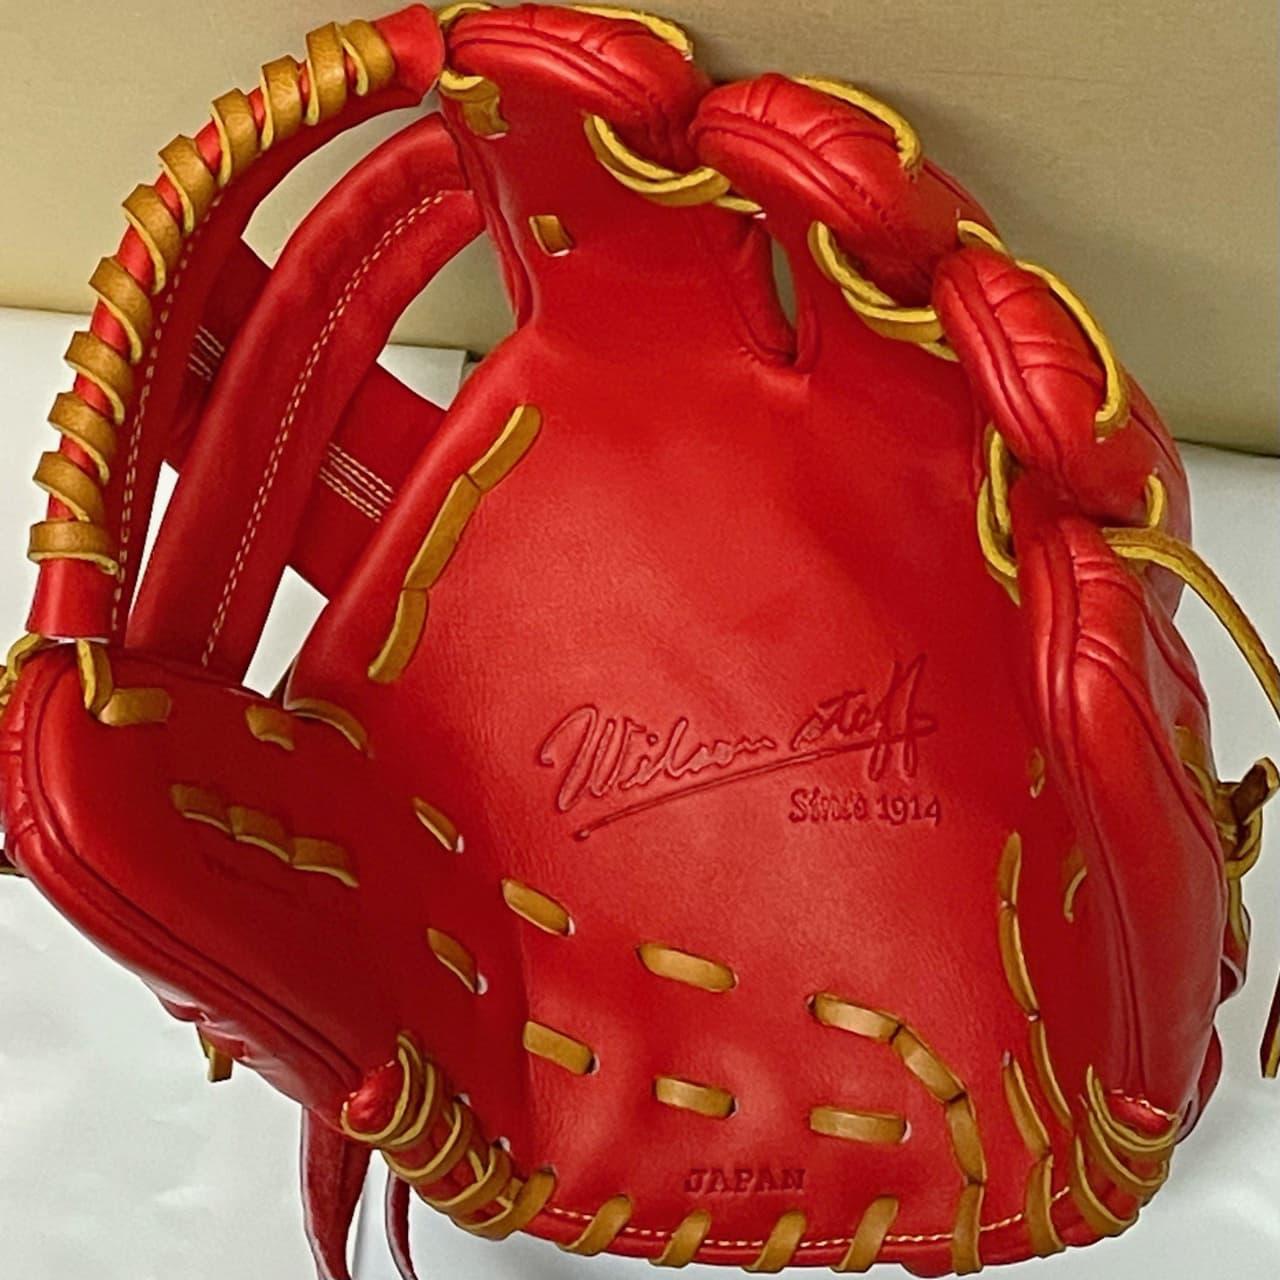 【ウイルソン】硬式野球用グラブ デュアルテクノロジー WTAHWSDLT(内野手用・右投げ)捕球面2